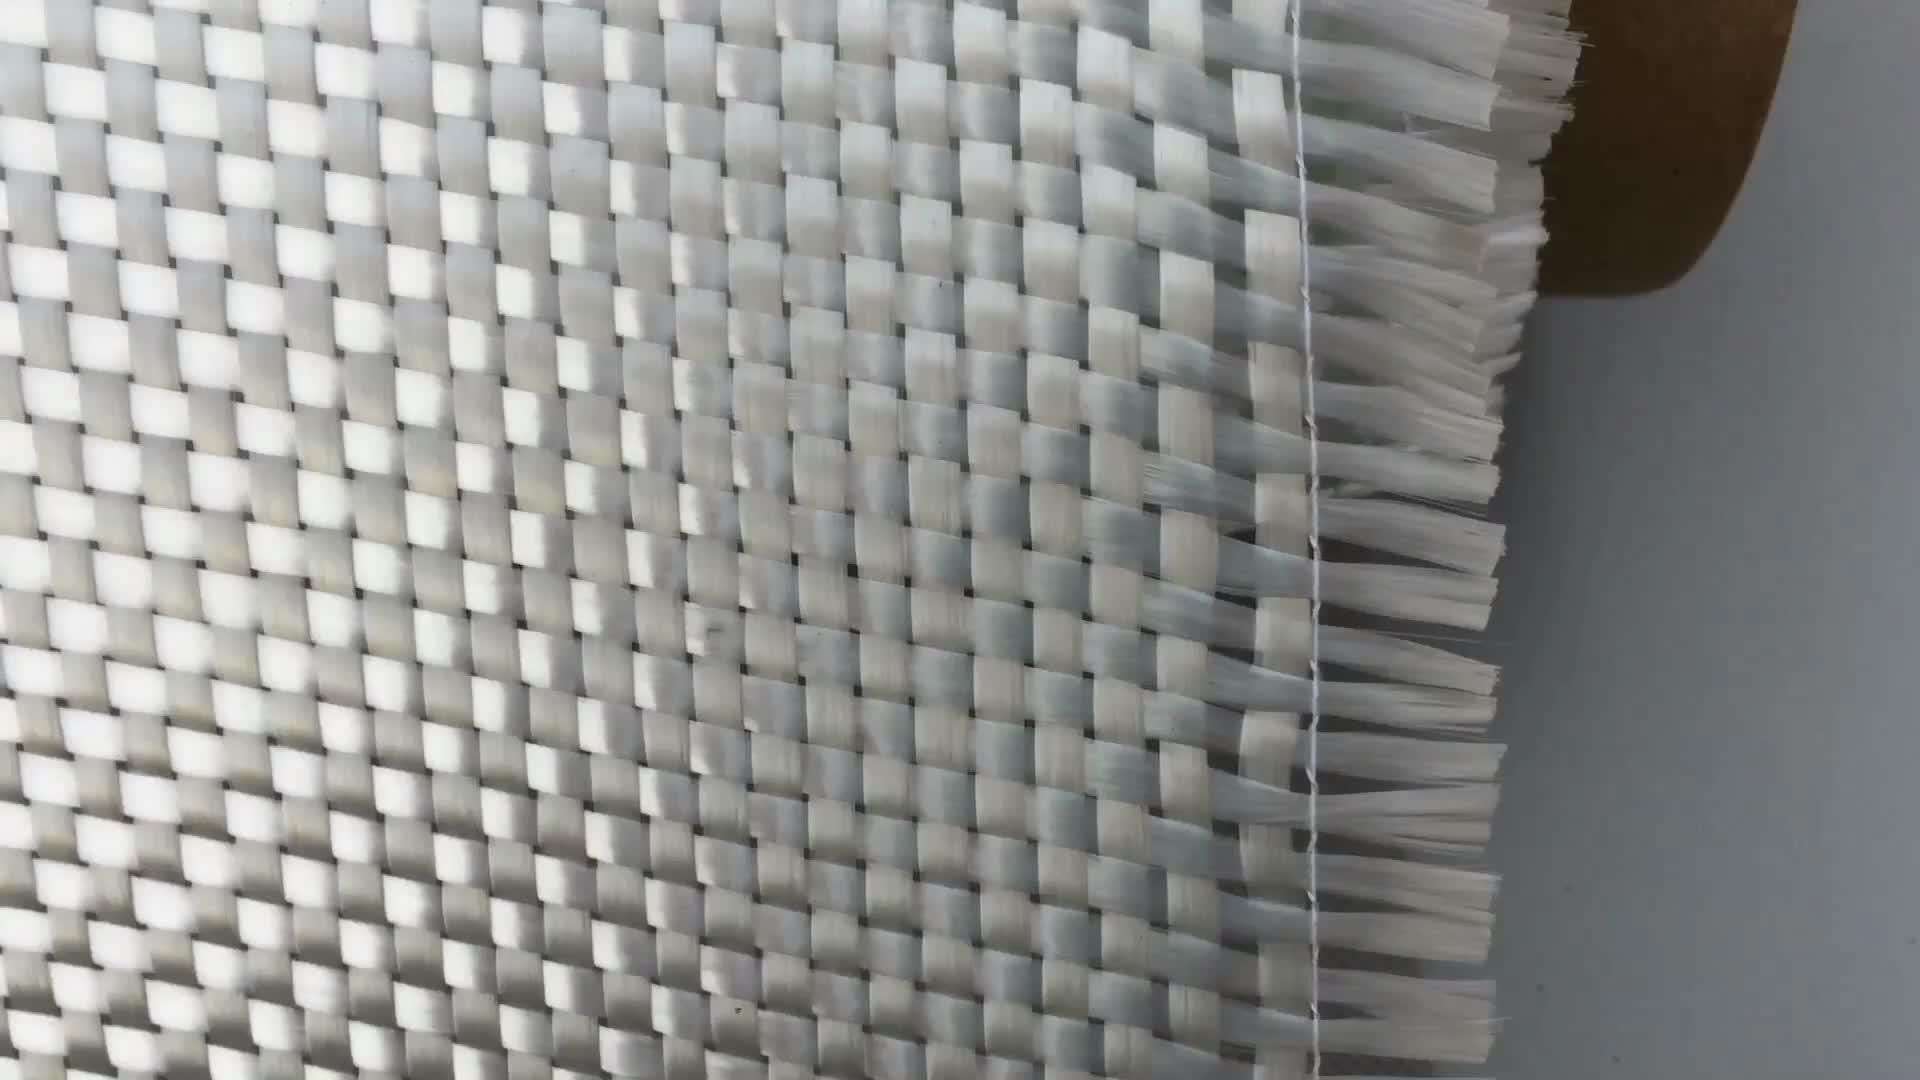 จีนผู้ผลิตเรือทำ Jushi ฉนวนกันความร้อน E-Glass C Glass fibra ธรรมดาไฟเบอร์กลาสผ้าทอ roving